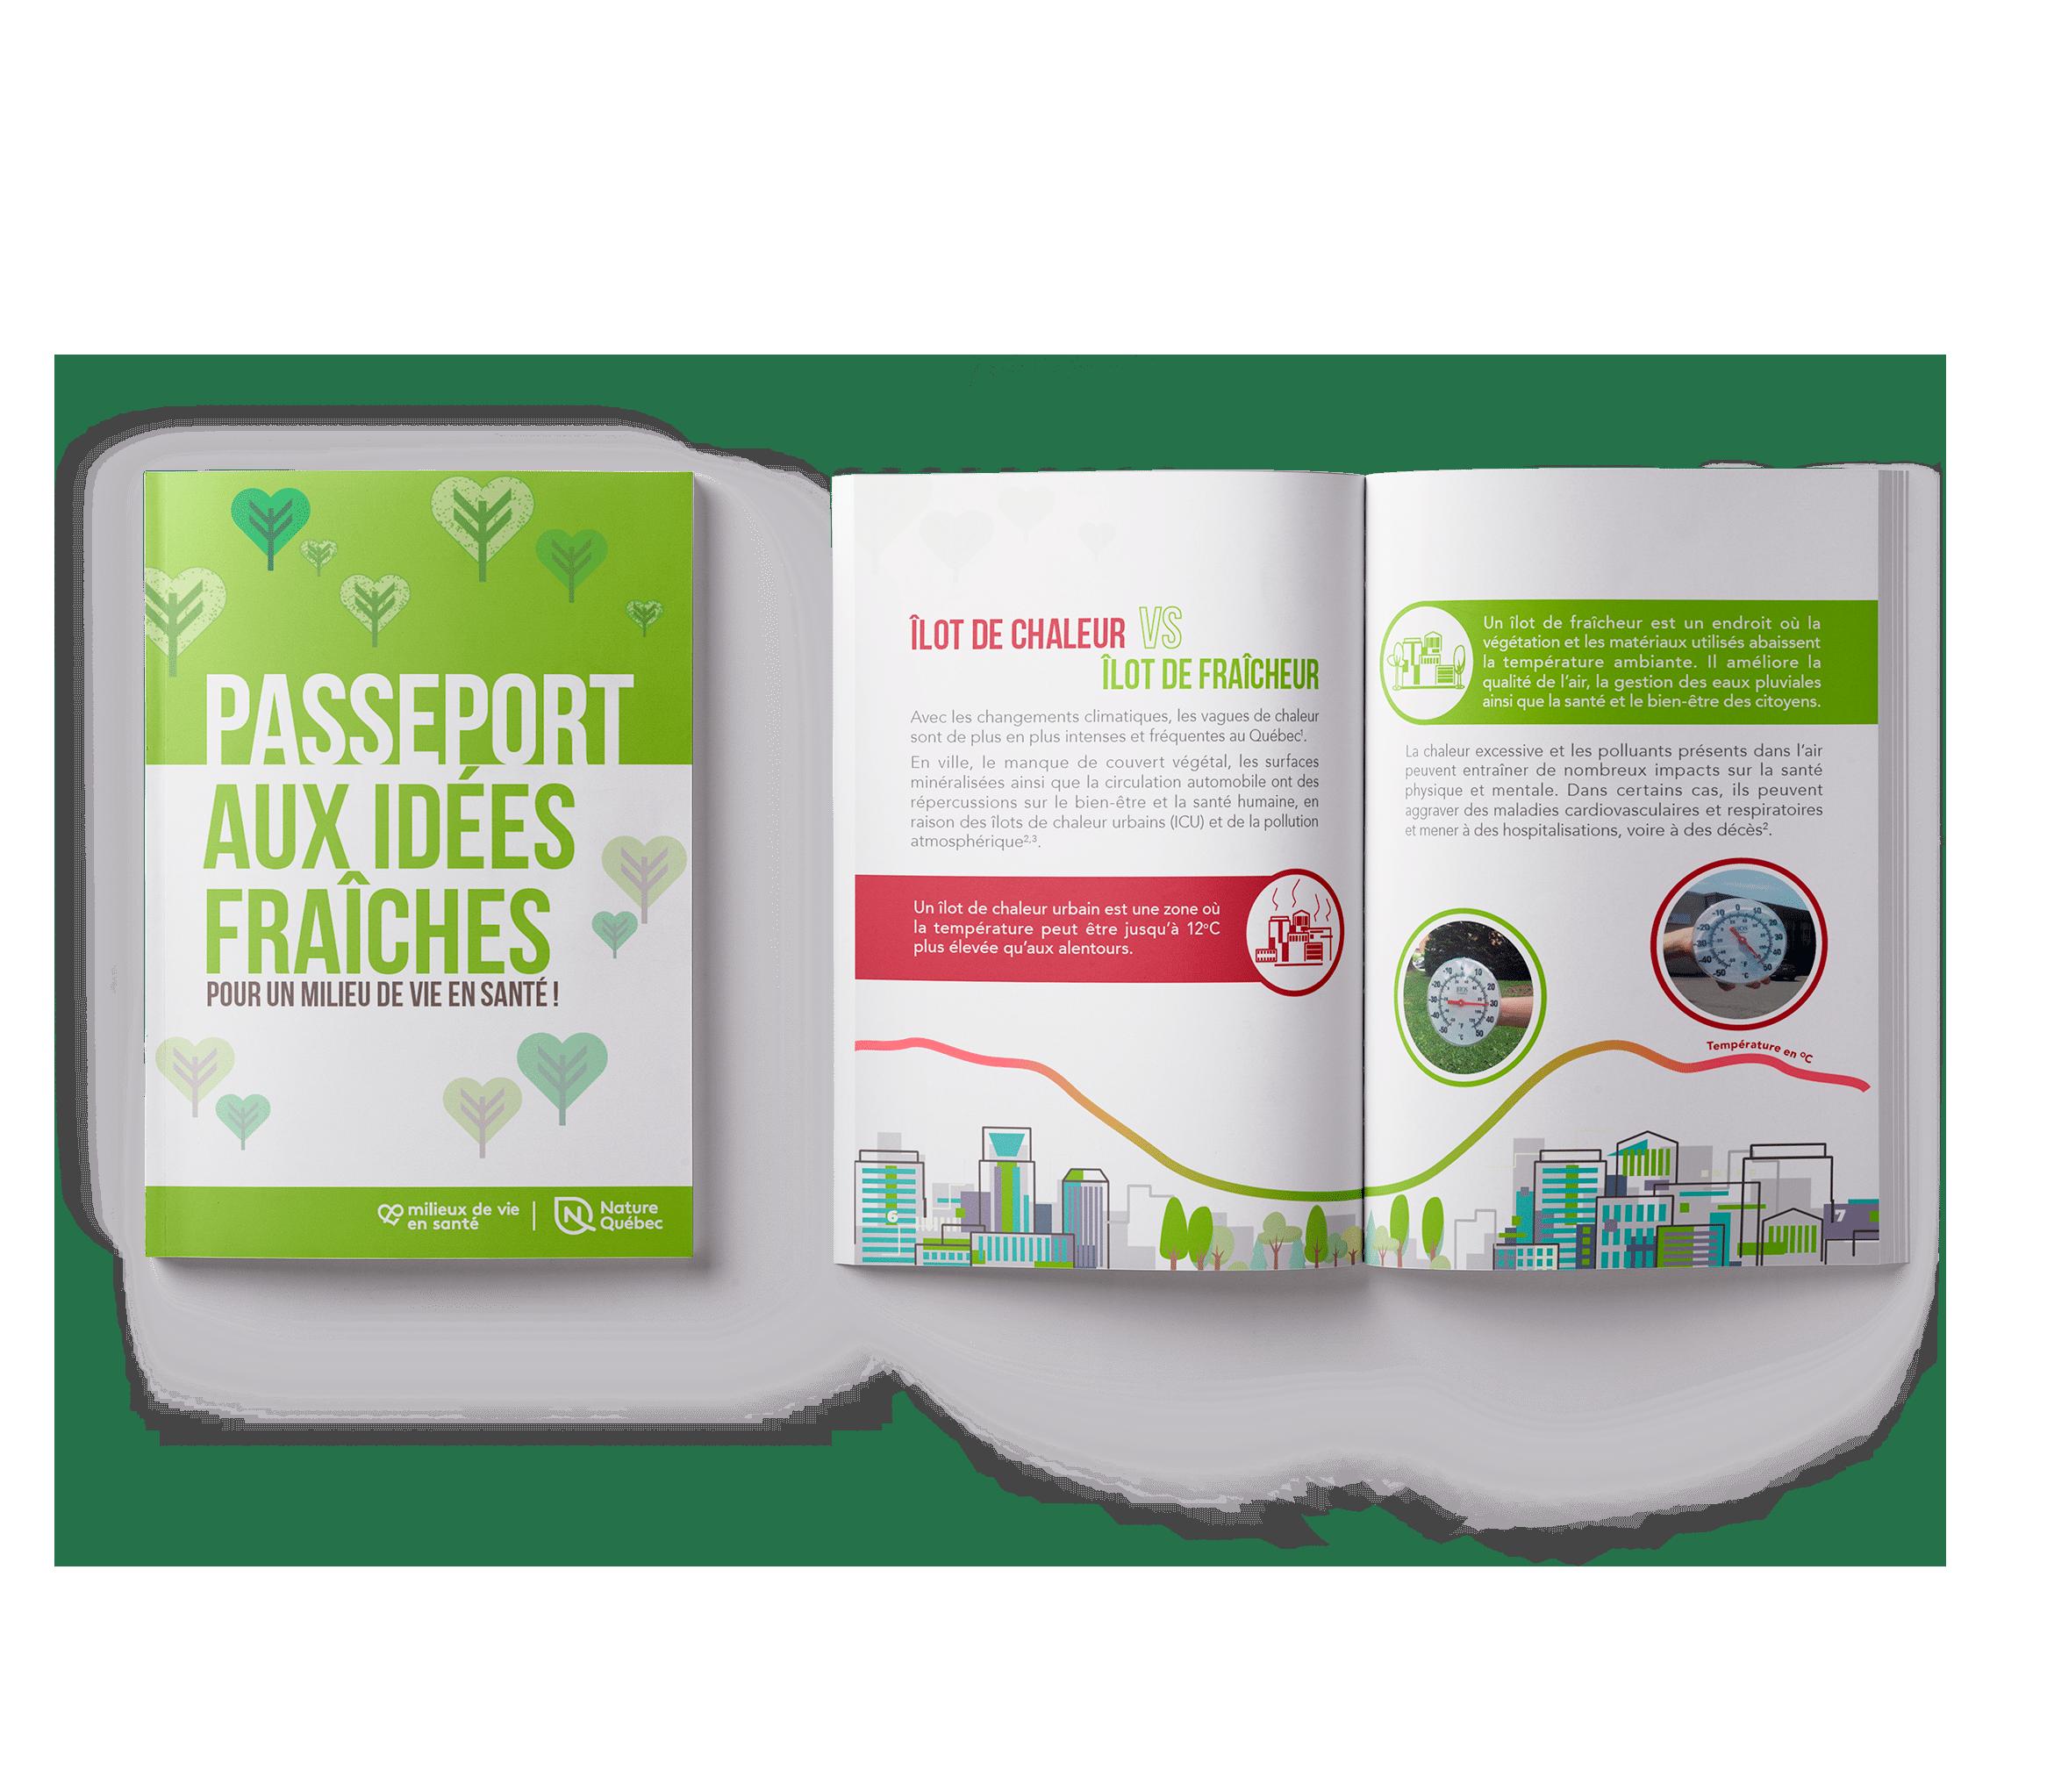 Passeport aux idées fraîches